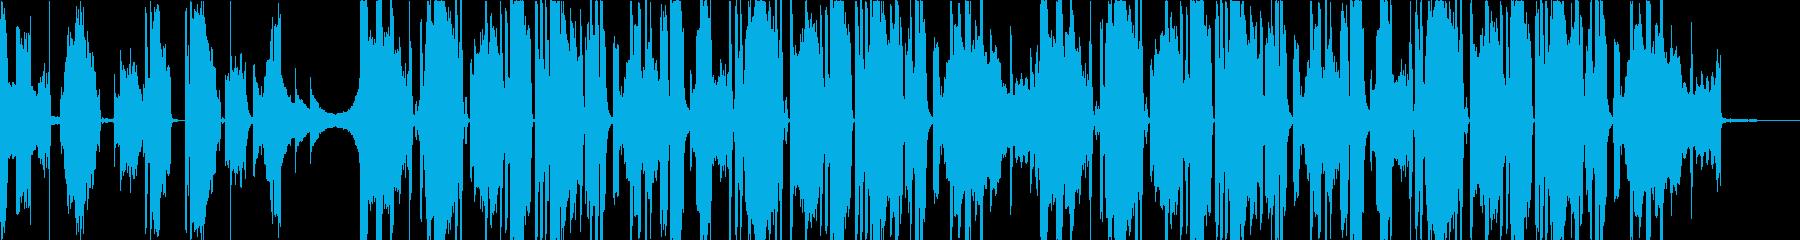 ミッドナイトタウン / Trap・IDMの再生済みの波形